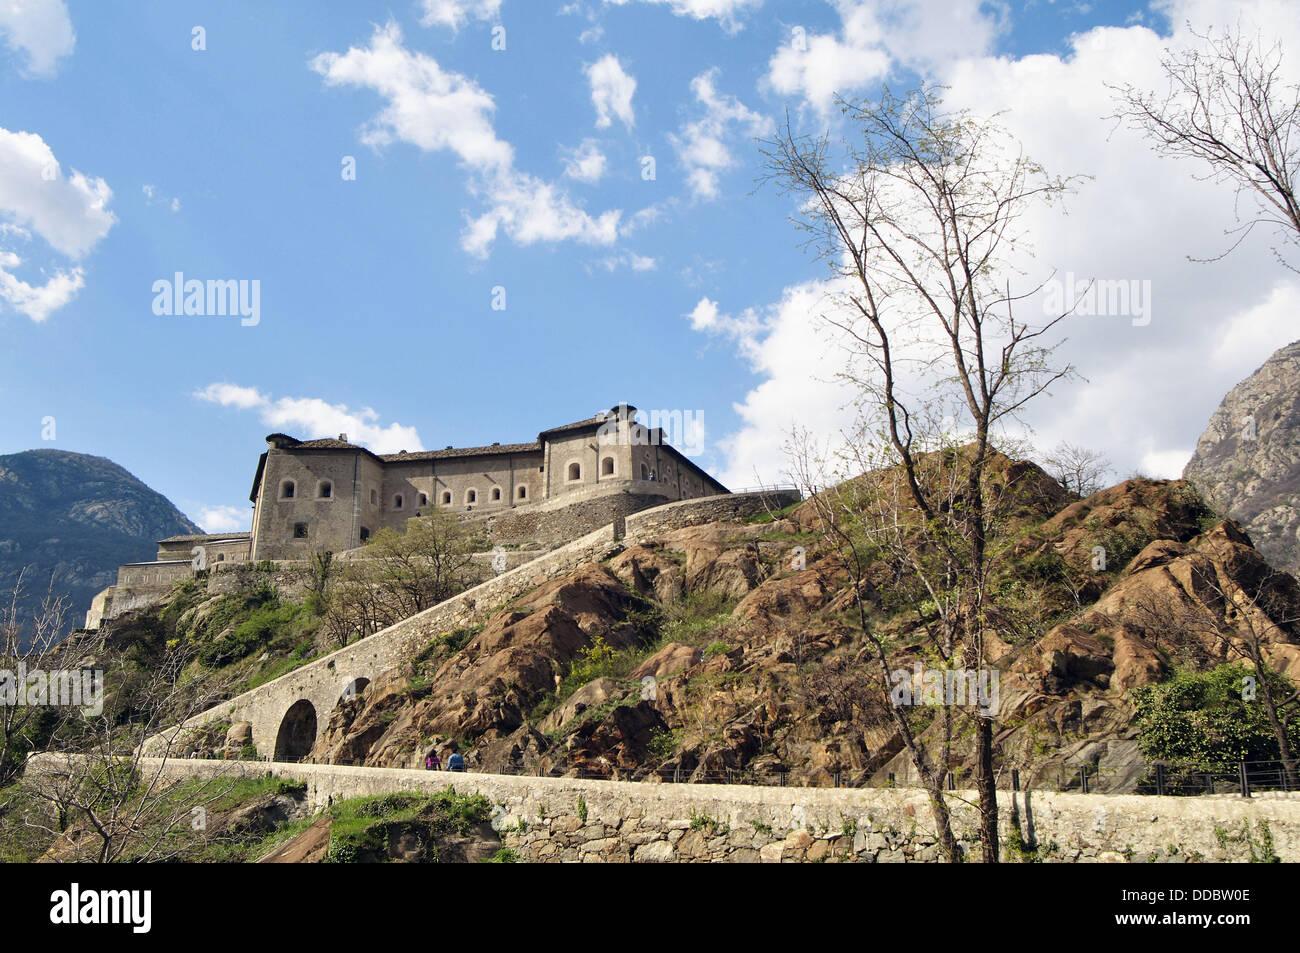 Italy, Aosta Valley, Bard Castle - Stock Image